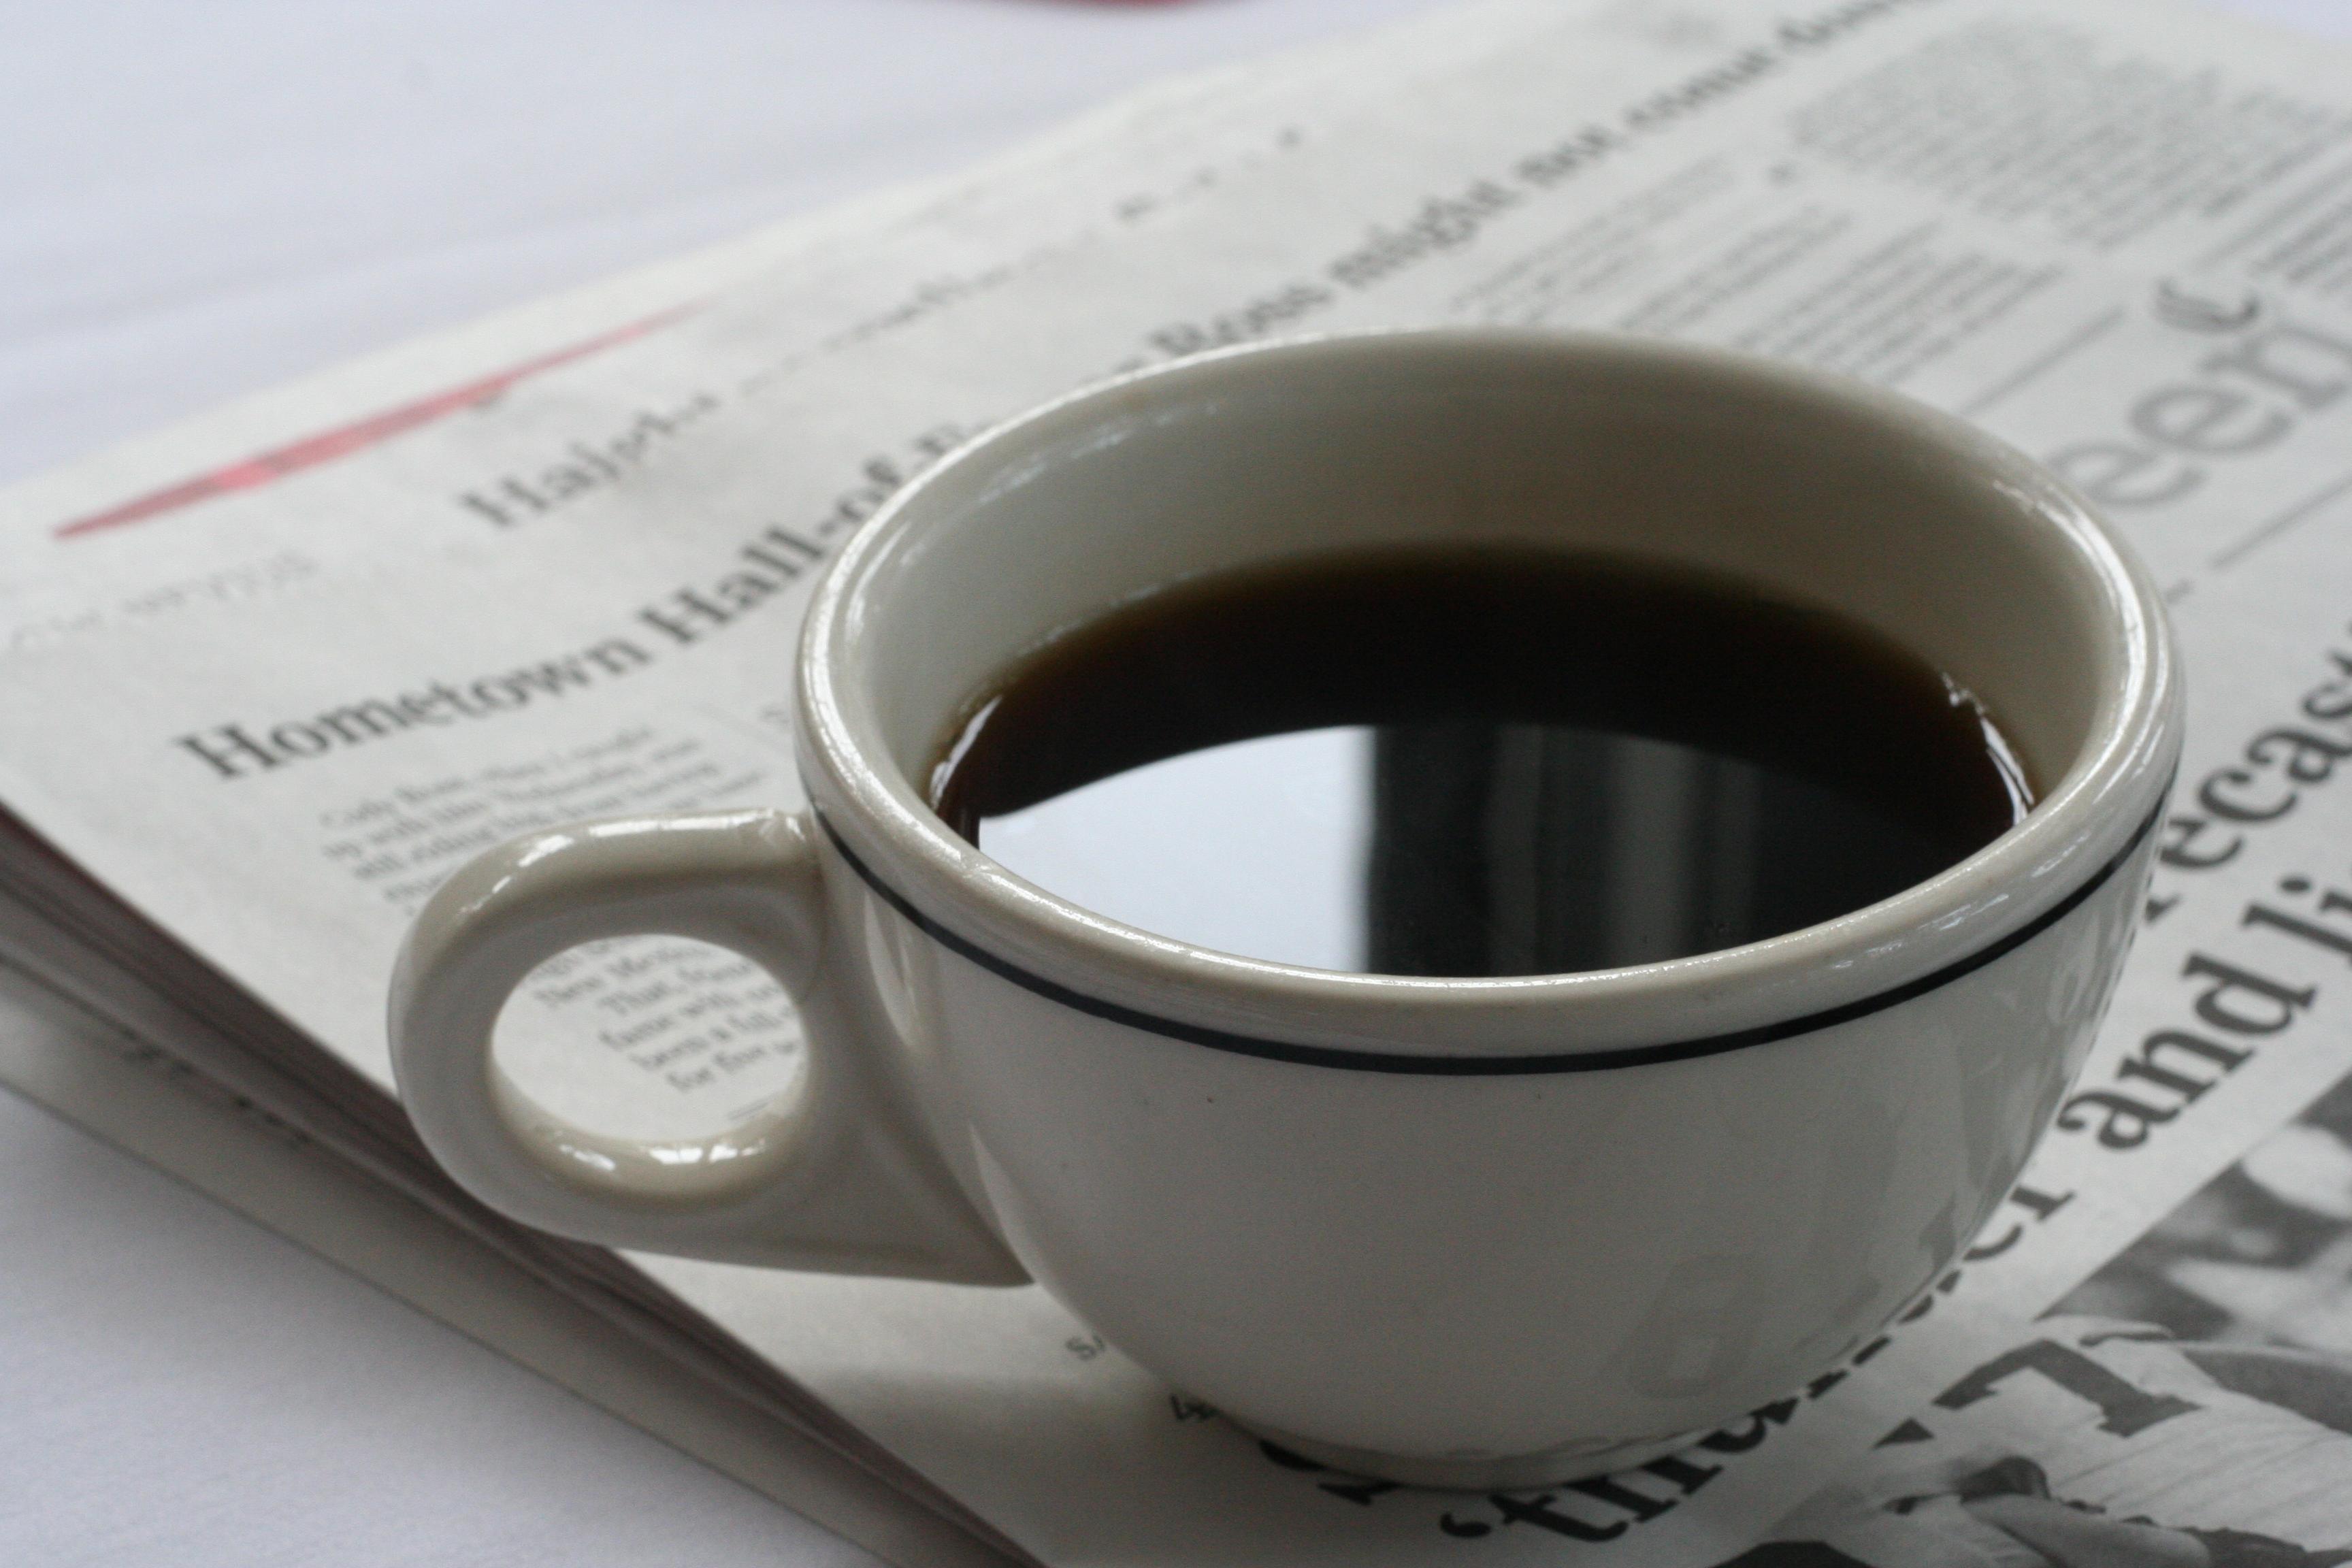 Breakfast @ Tuoi Tre News- May 31